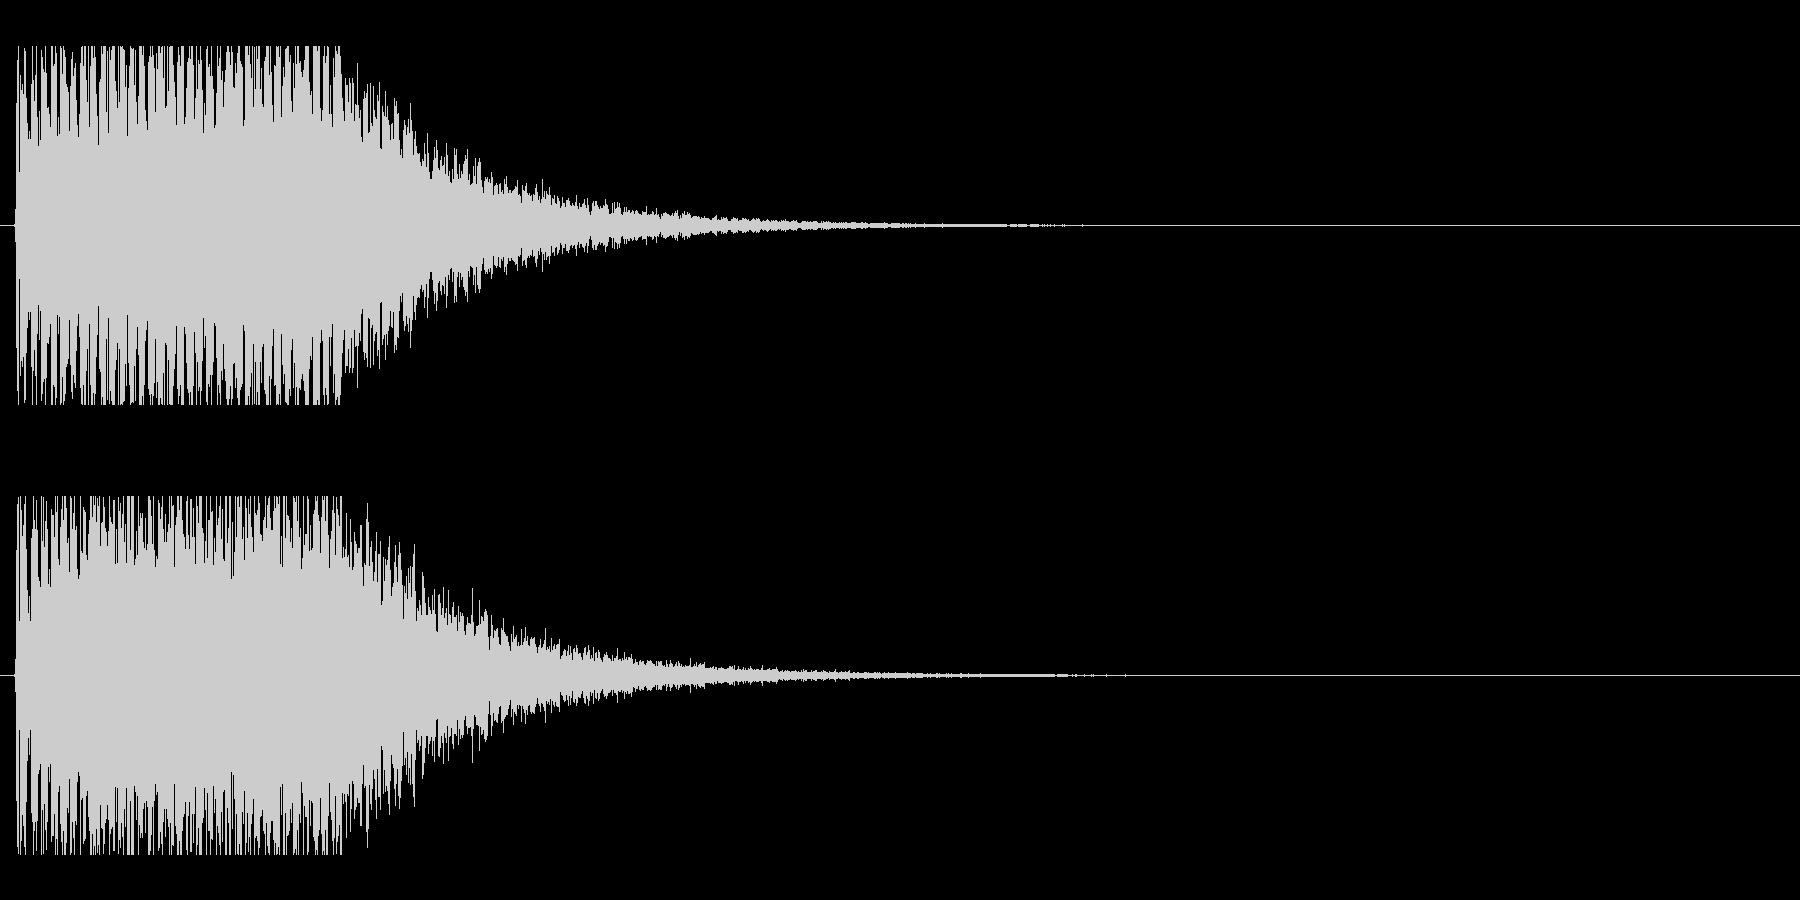 レーザー音-152-2の未再生の波形